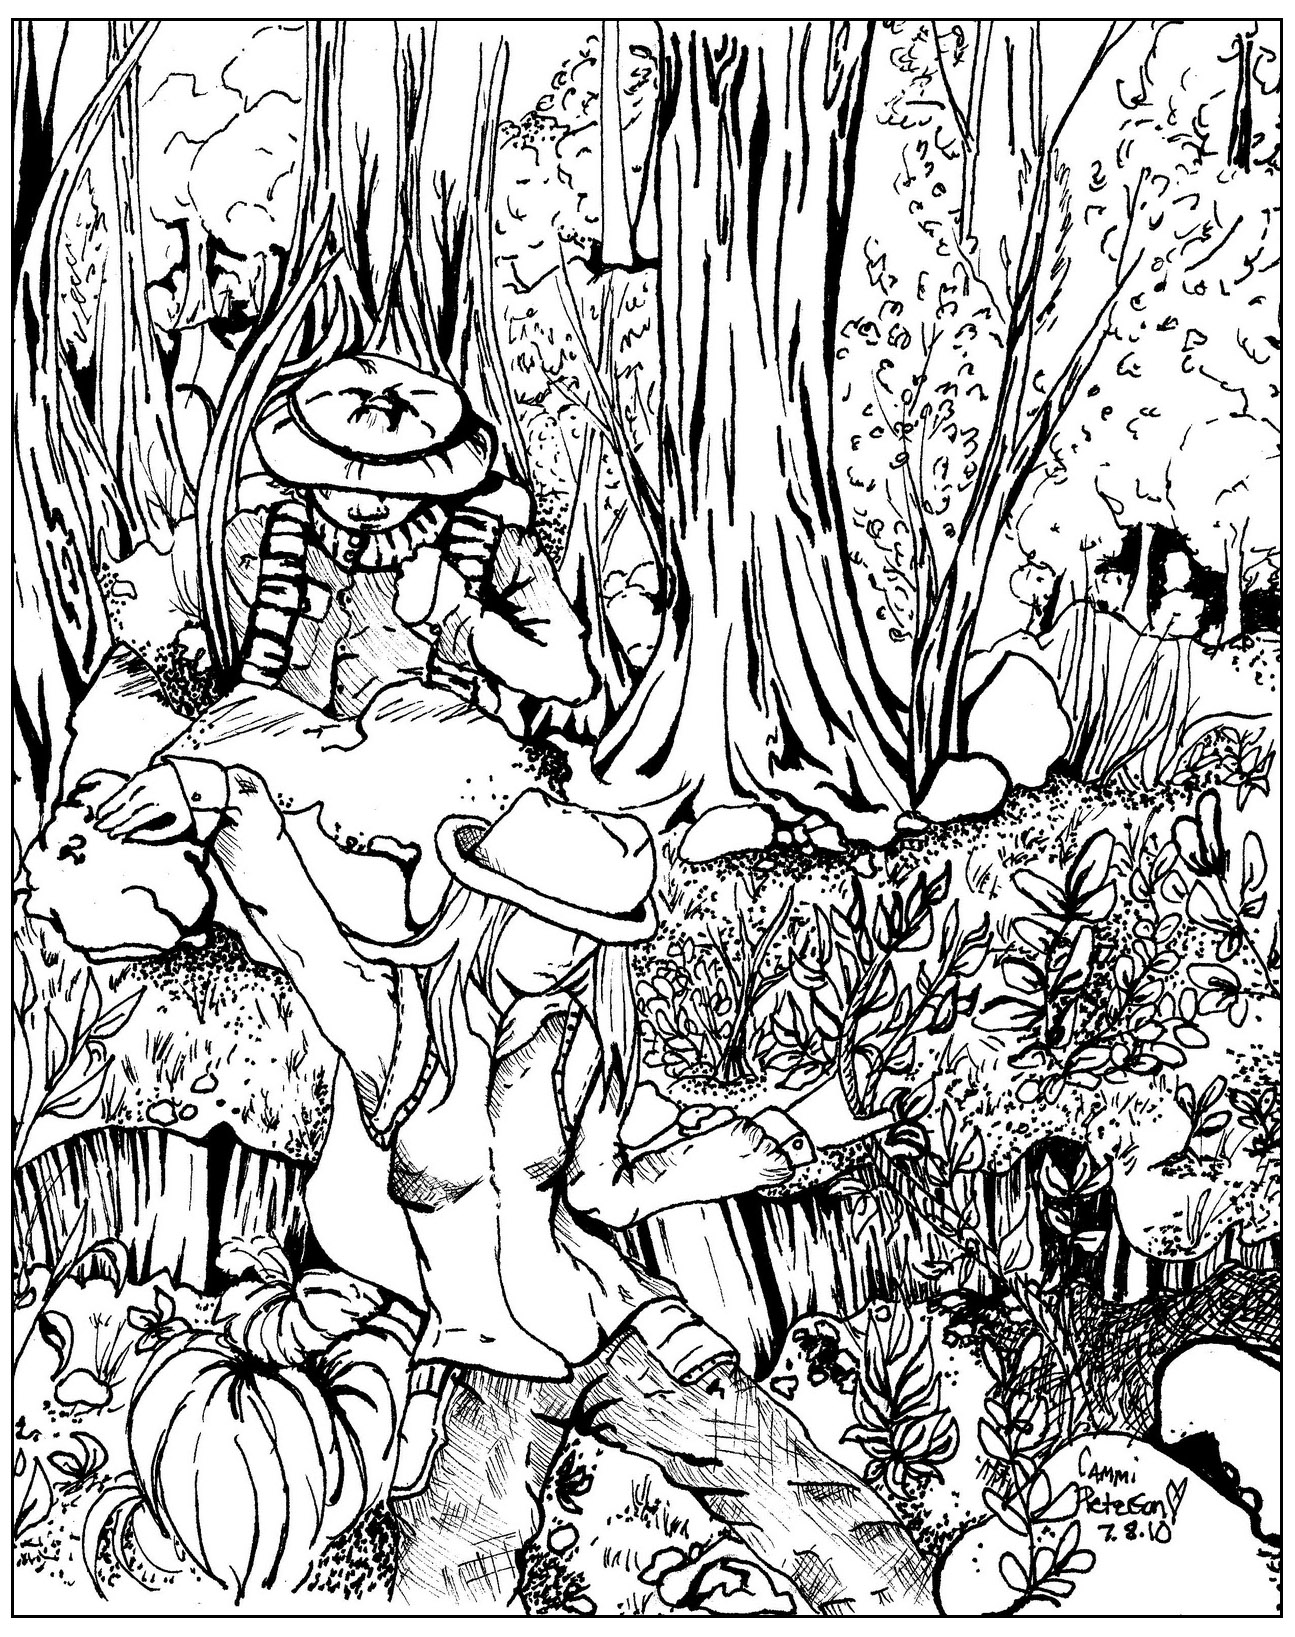 Disegni da colorare per adulti : Giungla e foresta - 3